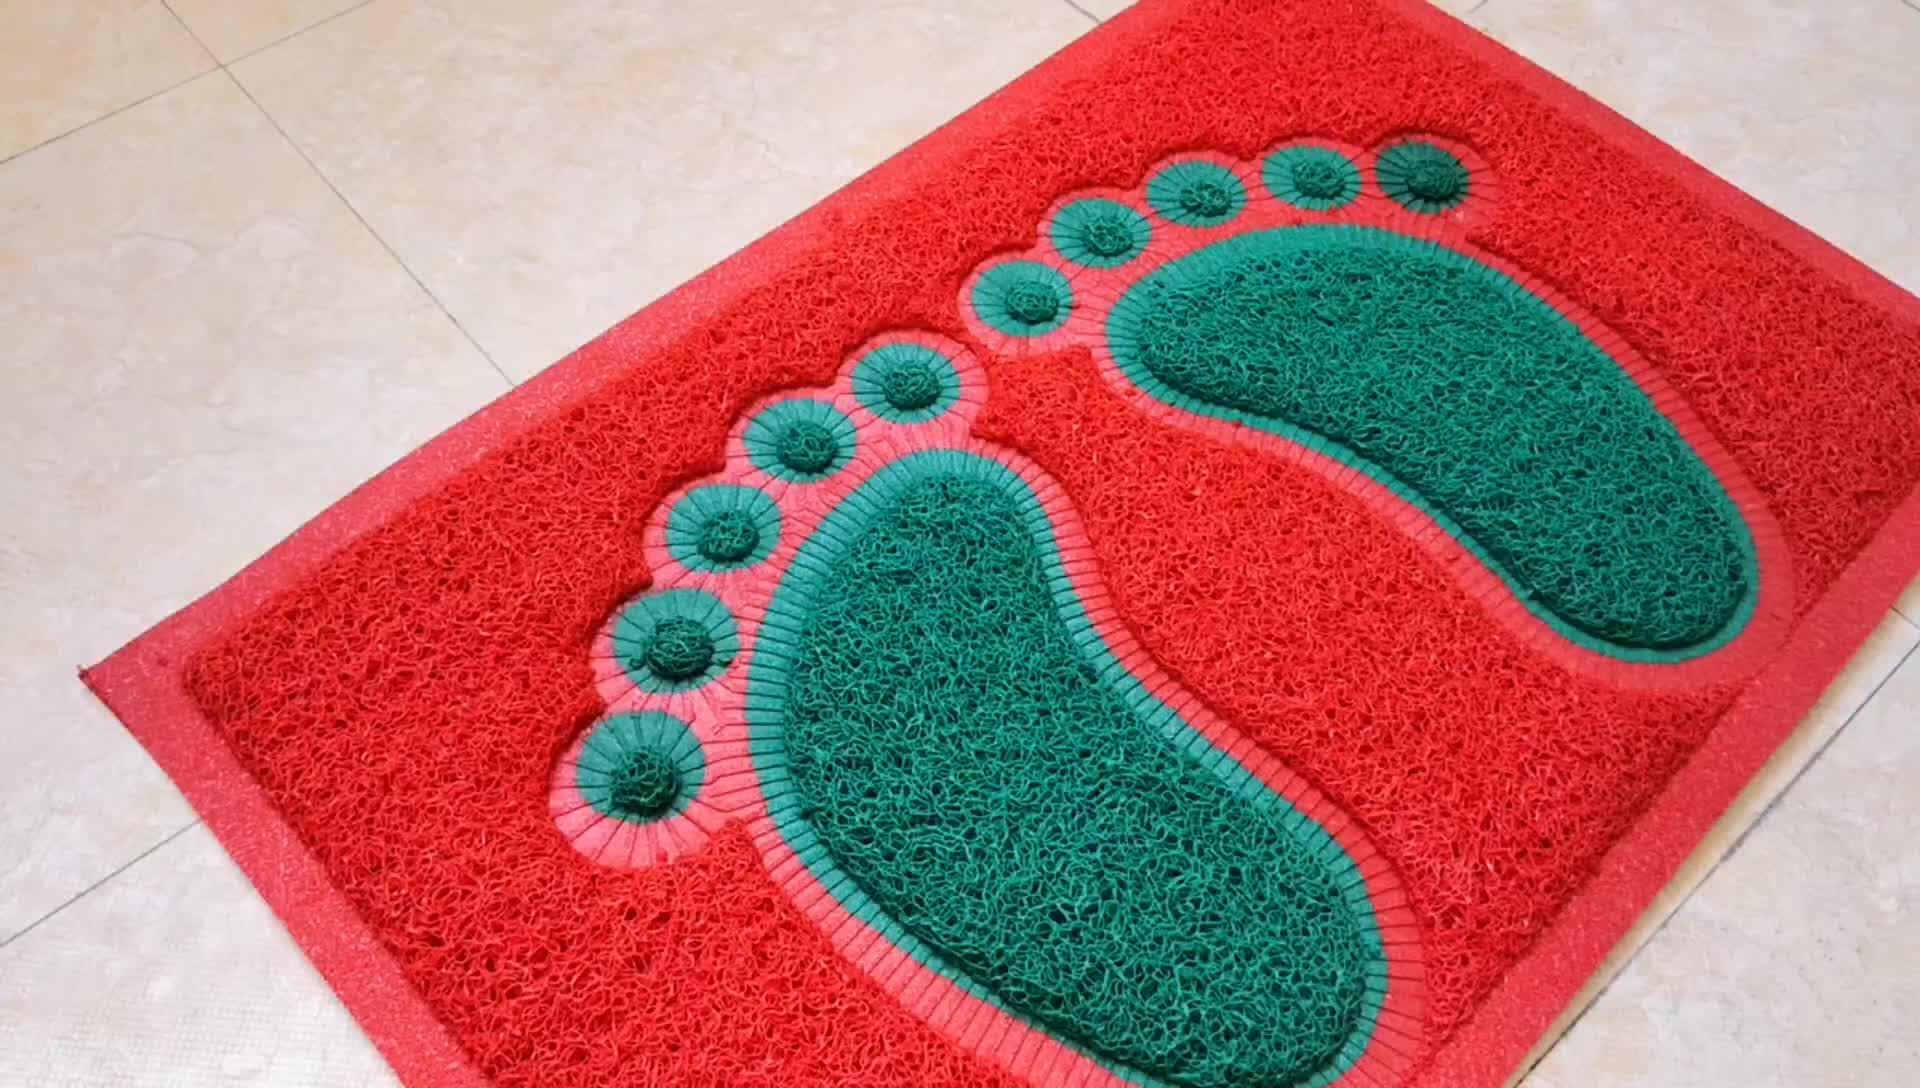 Hecho Mejor Venta de precio barato de alta calidad de pvc antideslizante impermeable piso alfombra de baño